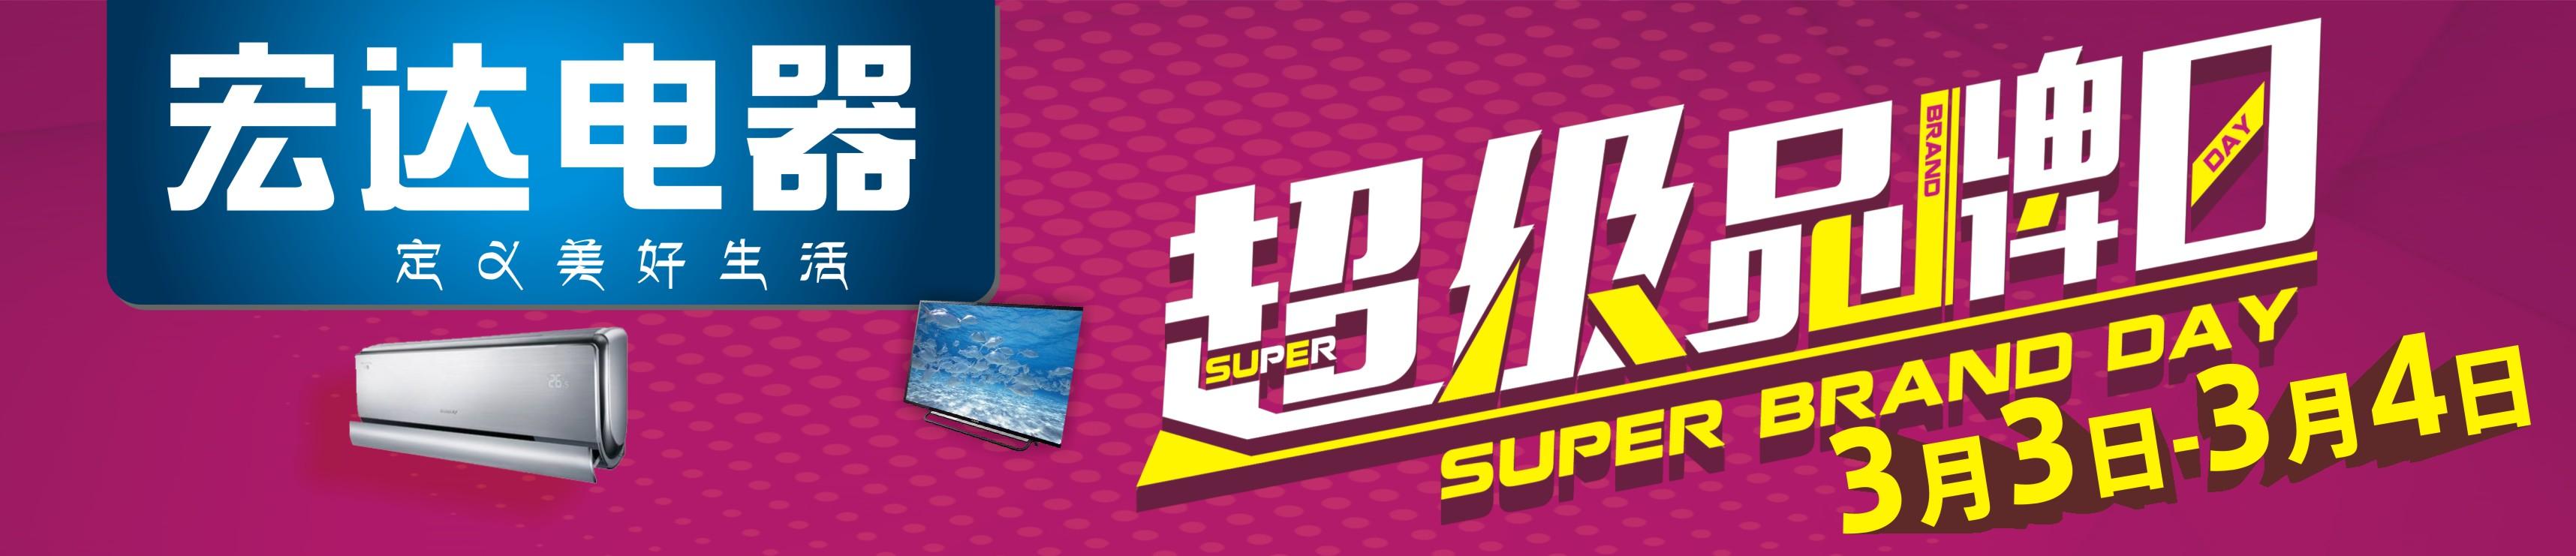 金沙国际娱乐官网宏达电器超级品牌日